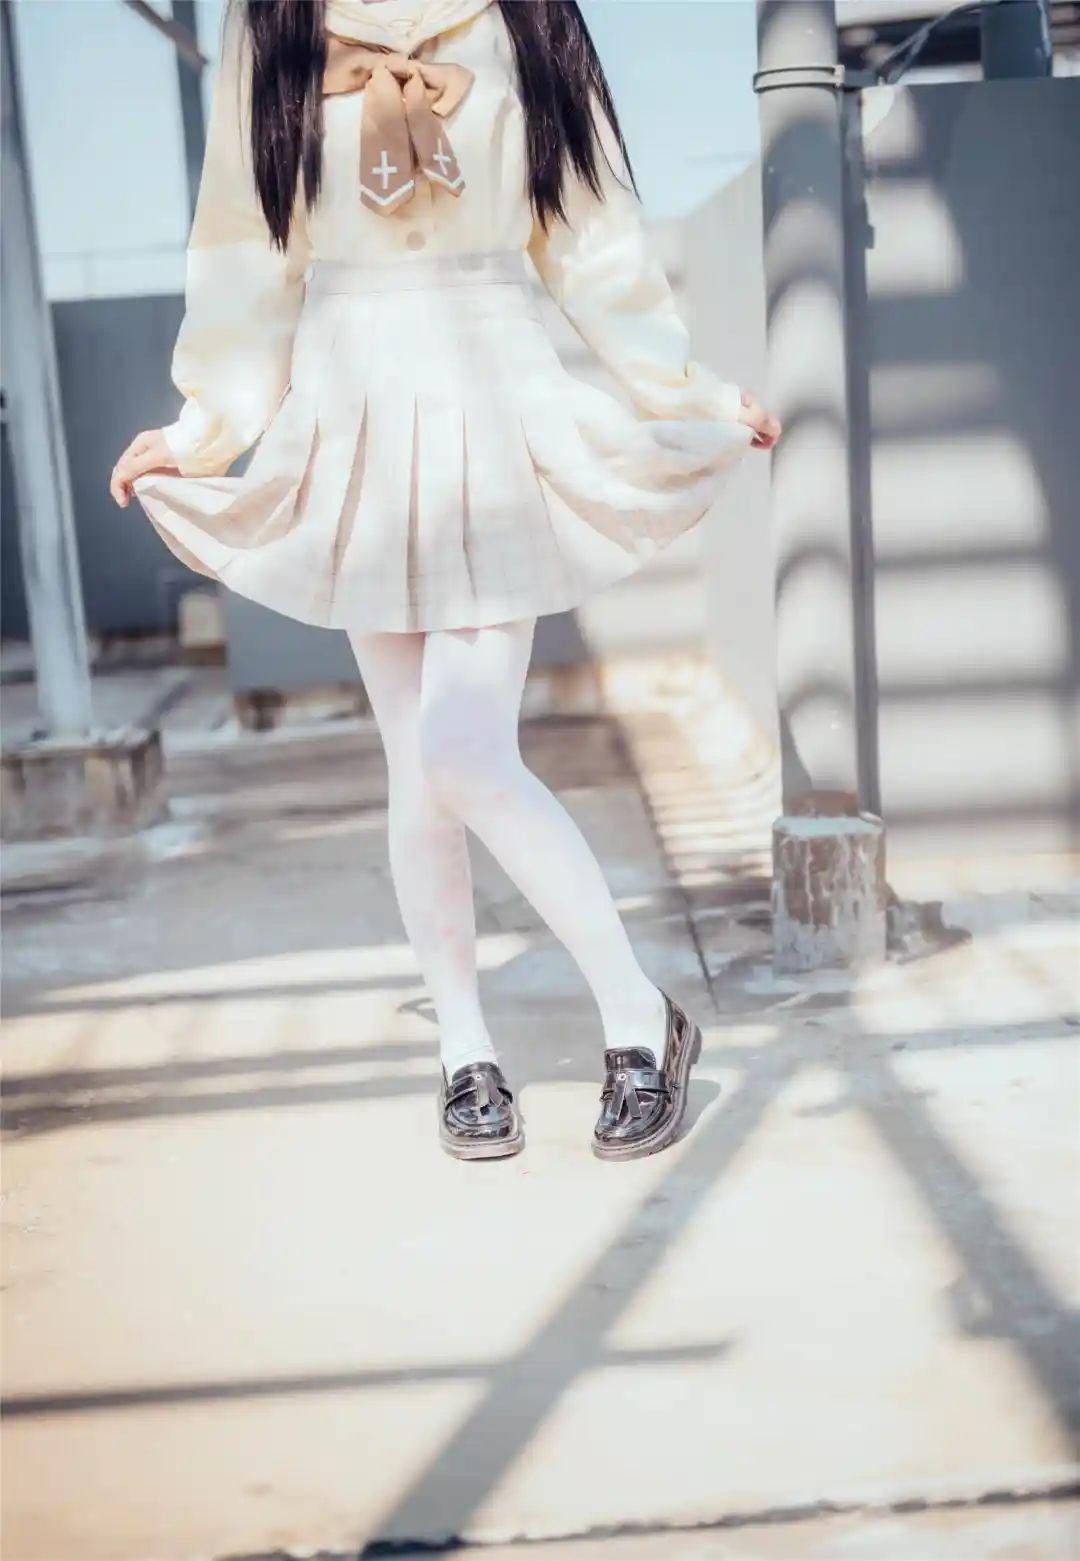 妹子摄影 – 白丝袜小美女,JK短裙尽显腿长优雅_图片 No.11